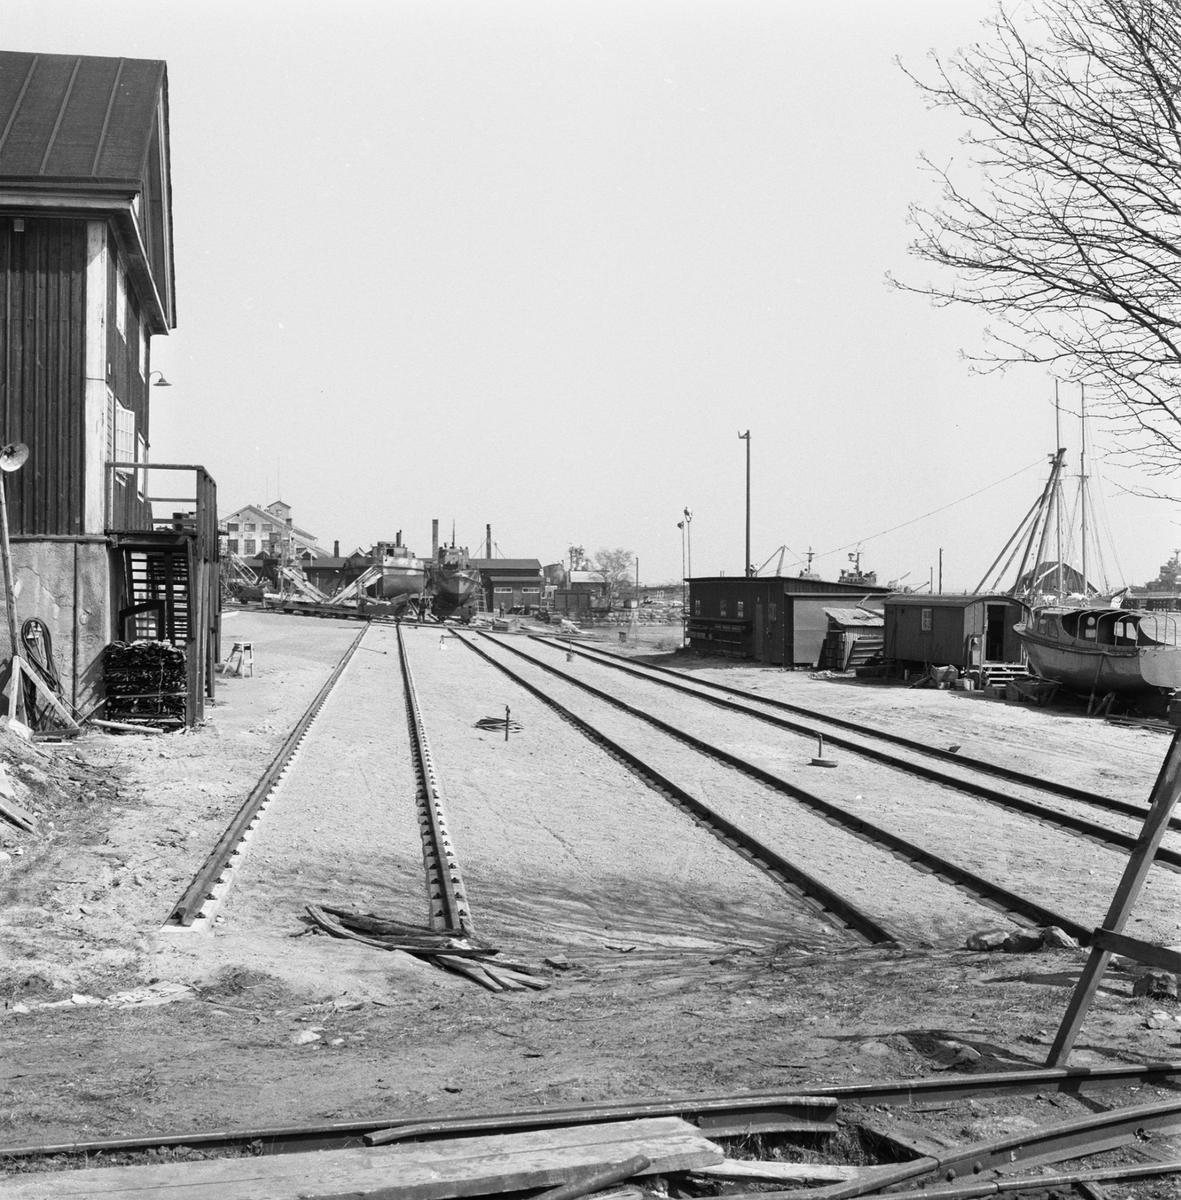 Övrigt: Fotodatum:20/4 1959 Byggnader och Kranar. Slipen omb. arb